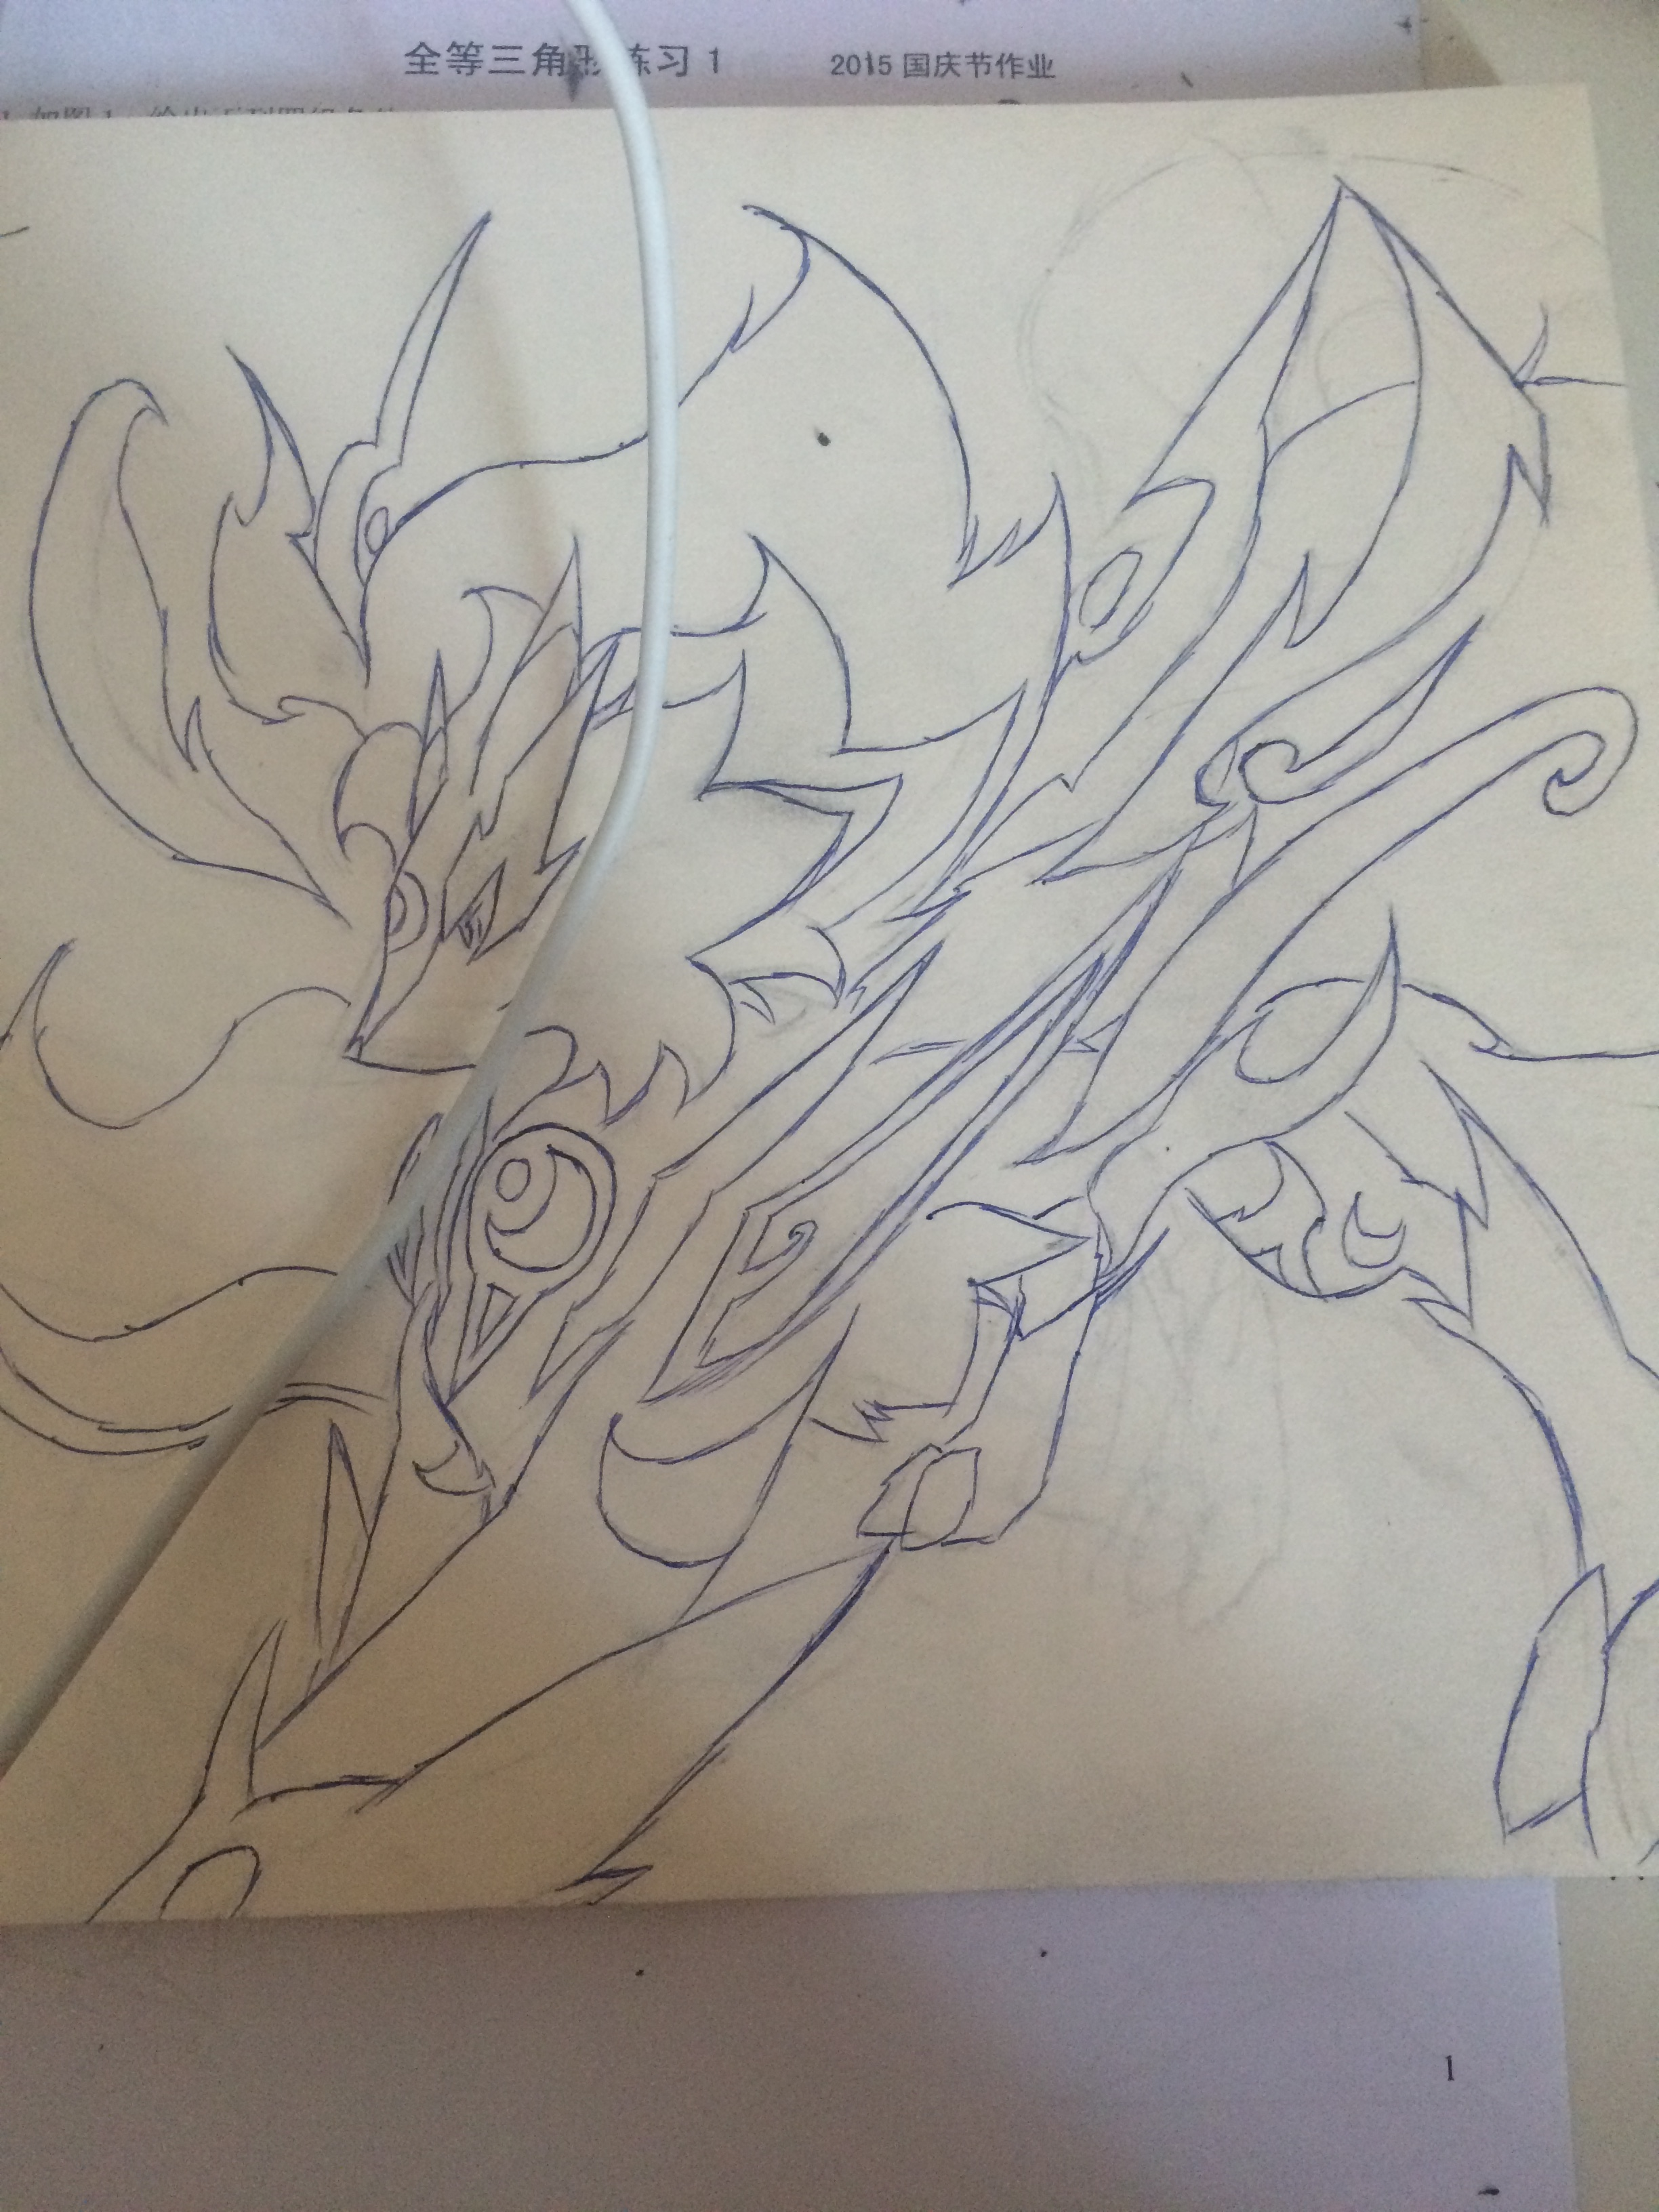 沿着铅笔痕迹用圆珠笔描线